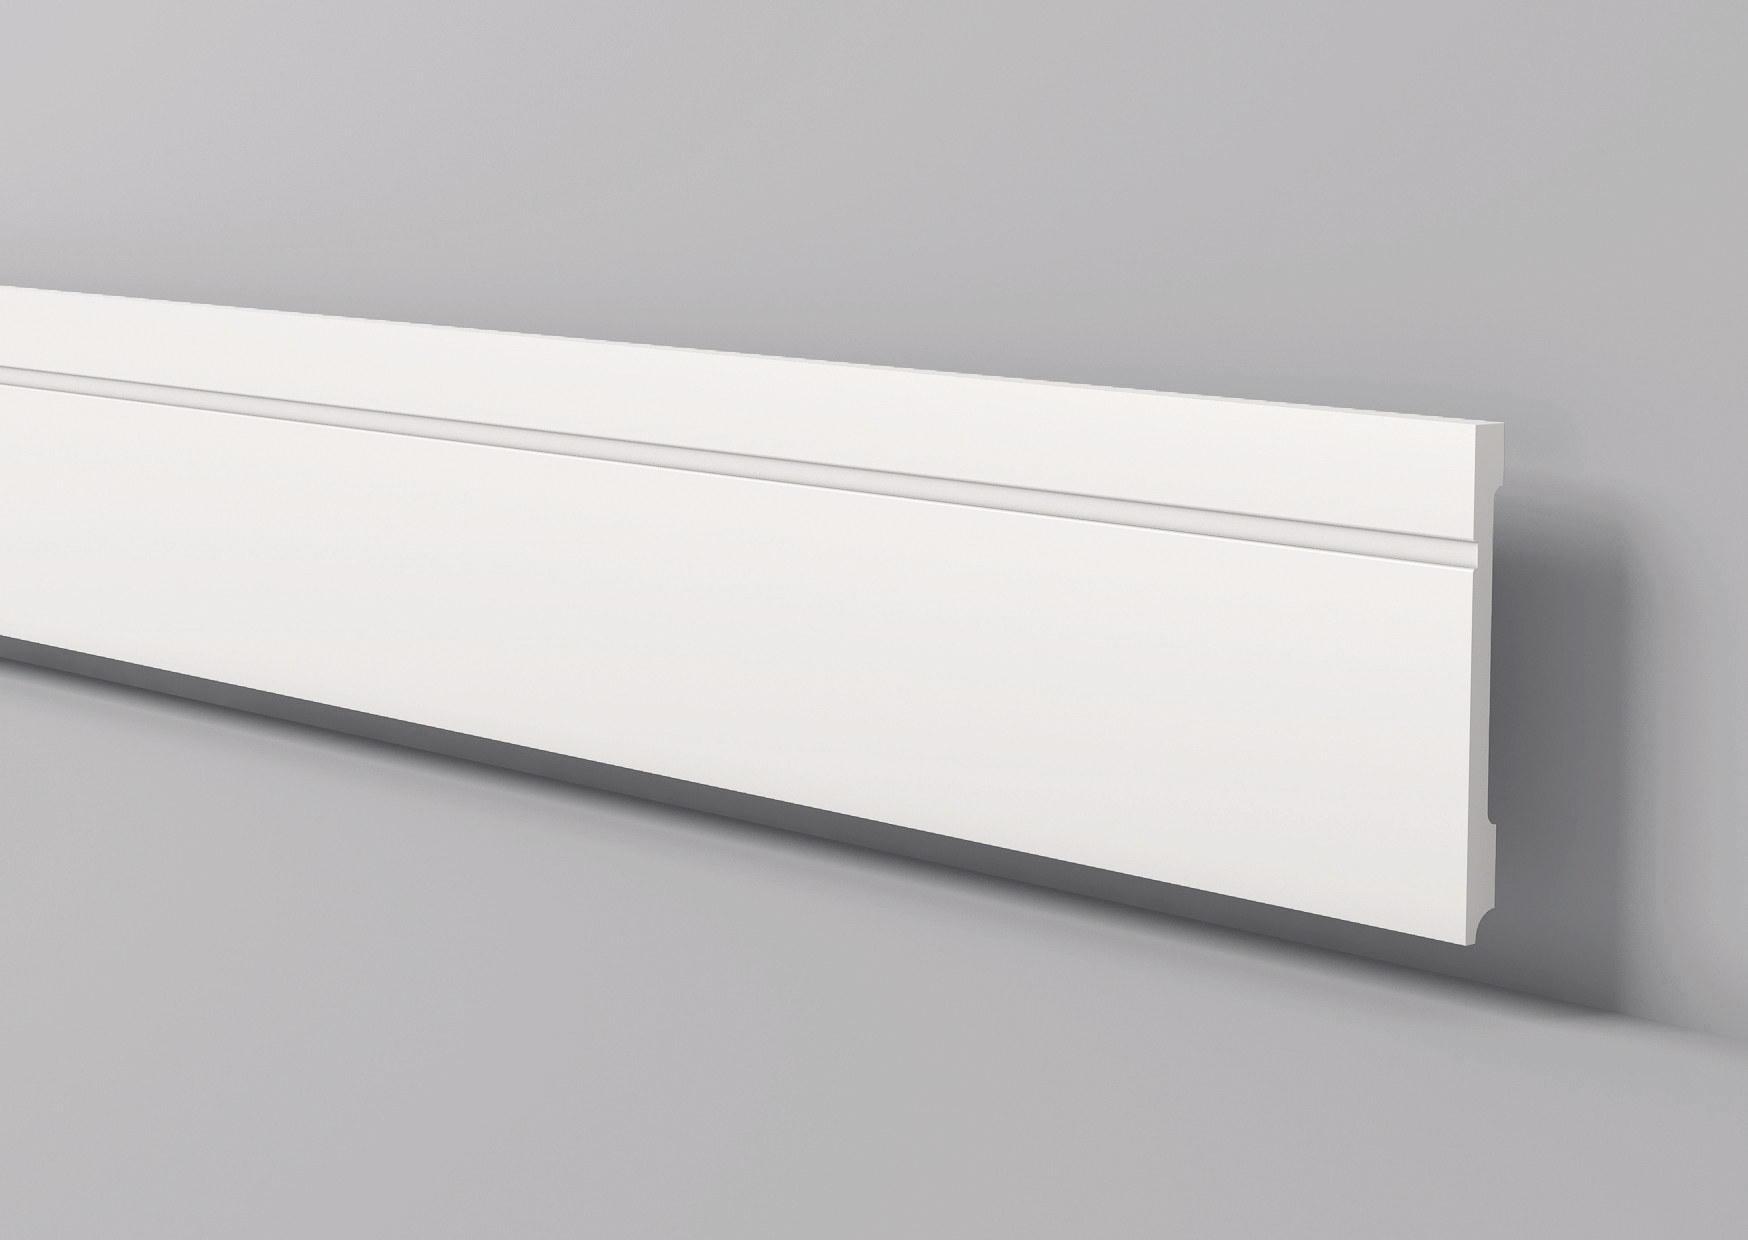 FD20-nmc-moulding-karnize